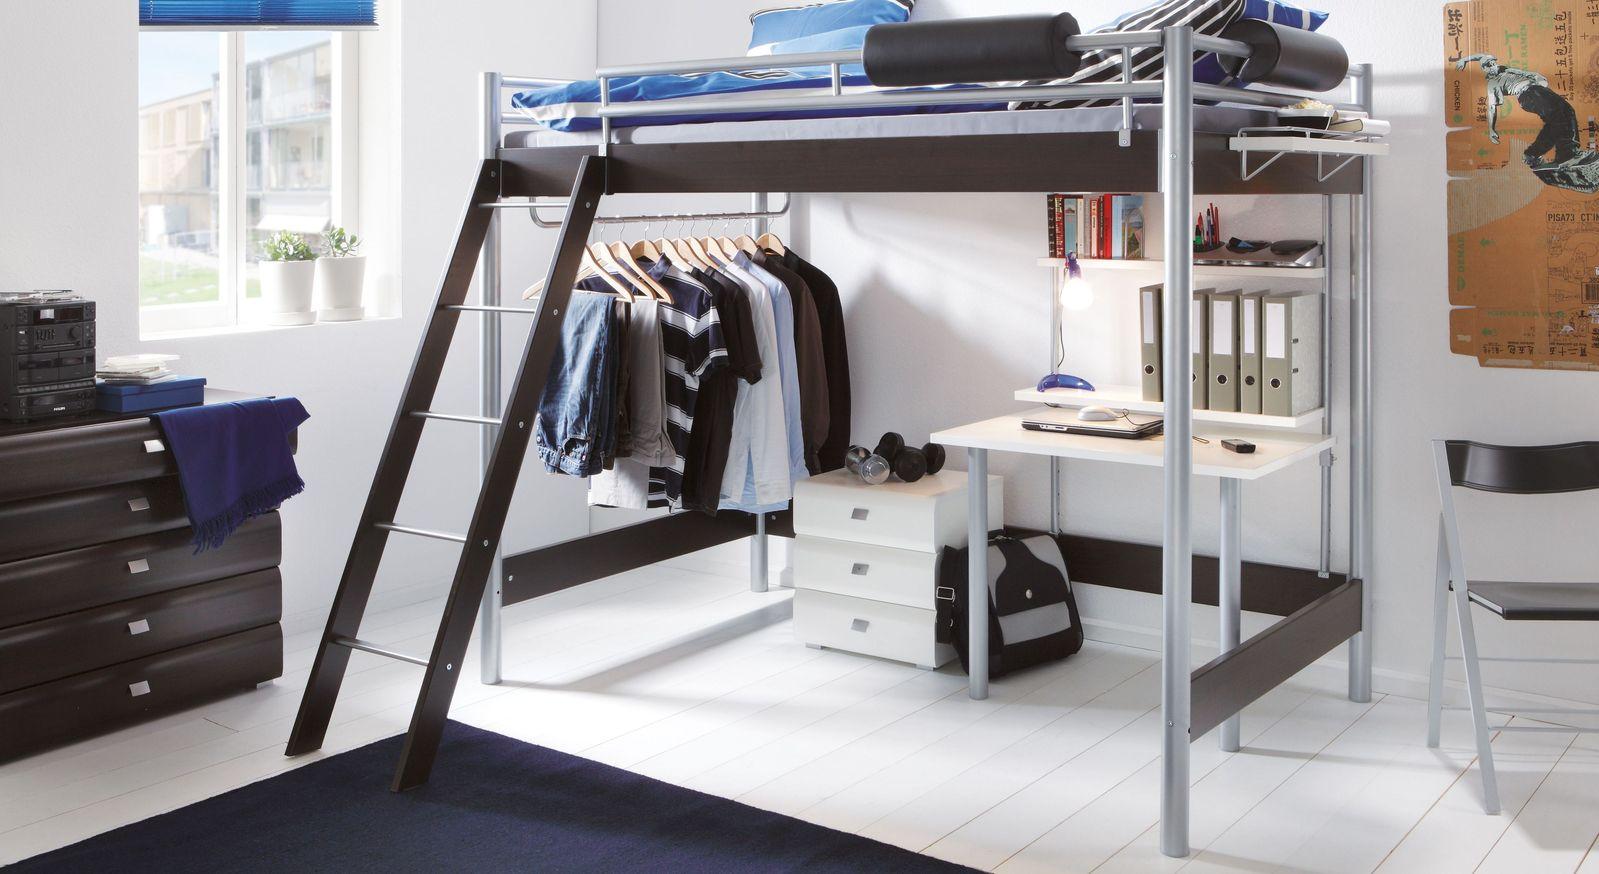 hochbett f r erwachsene mit schreibtisch und kleiderstange finn. Black Bedroom Furniture Sets. Home Design Ideas